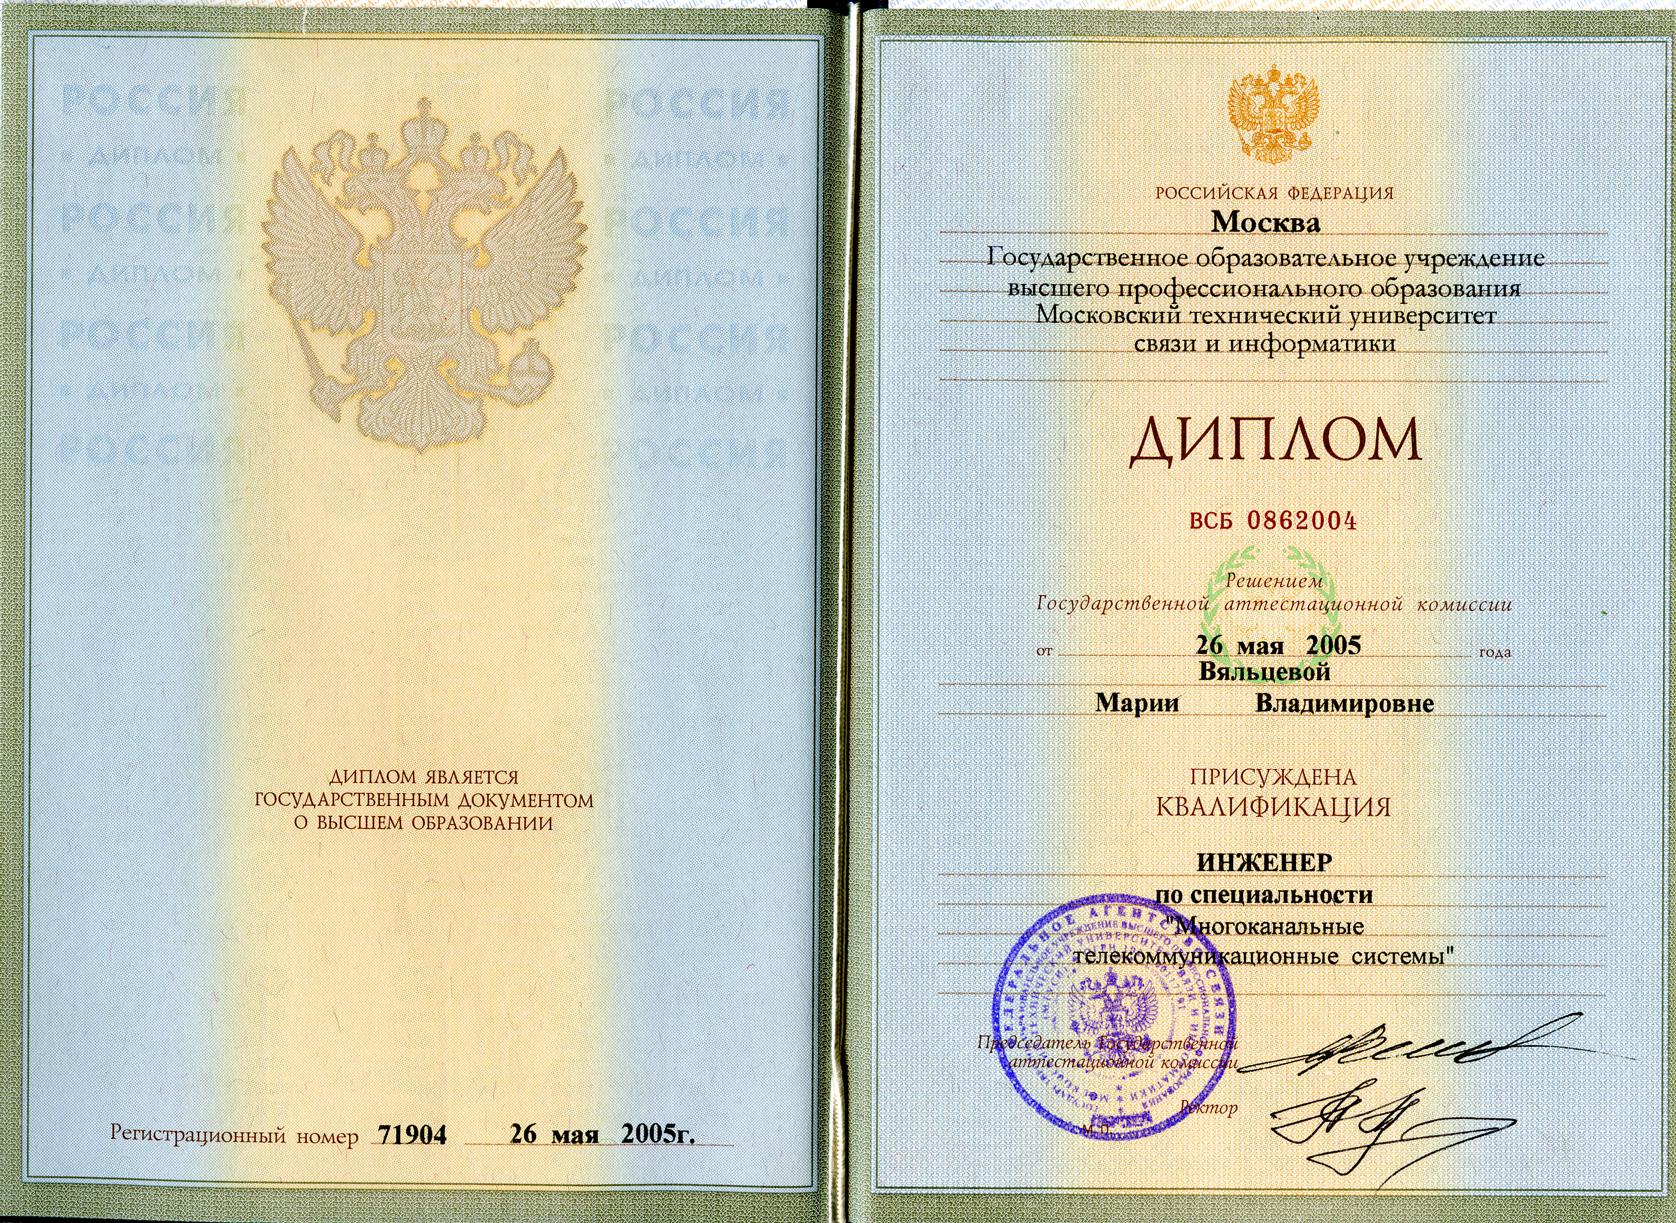 diplom jpg Специальность по диплому инженер по специальности многоканальные телекоммуникационные системы